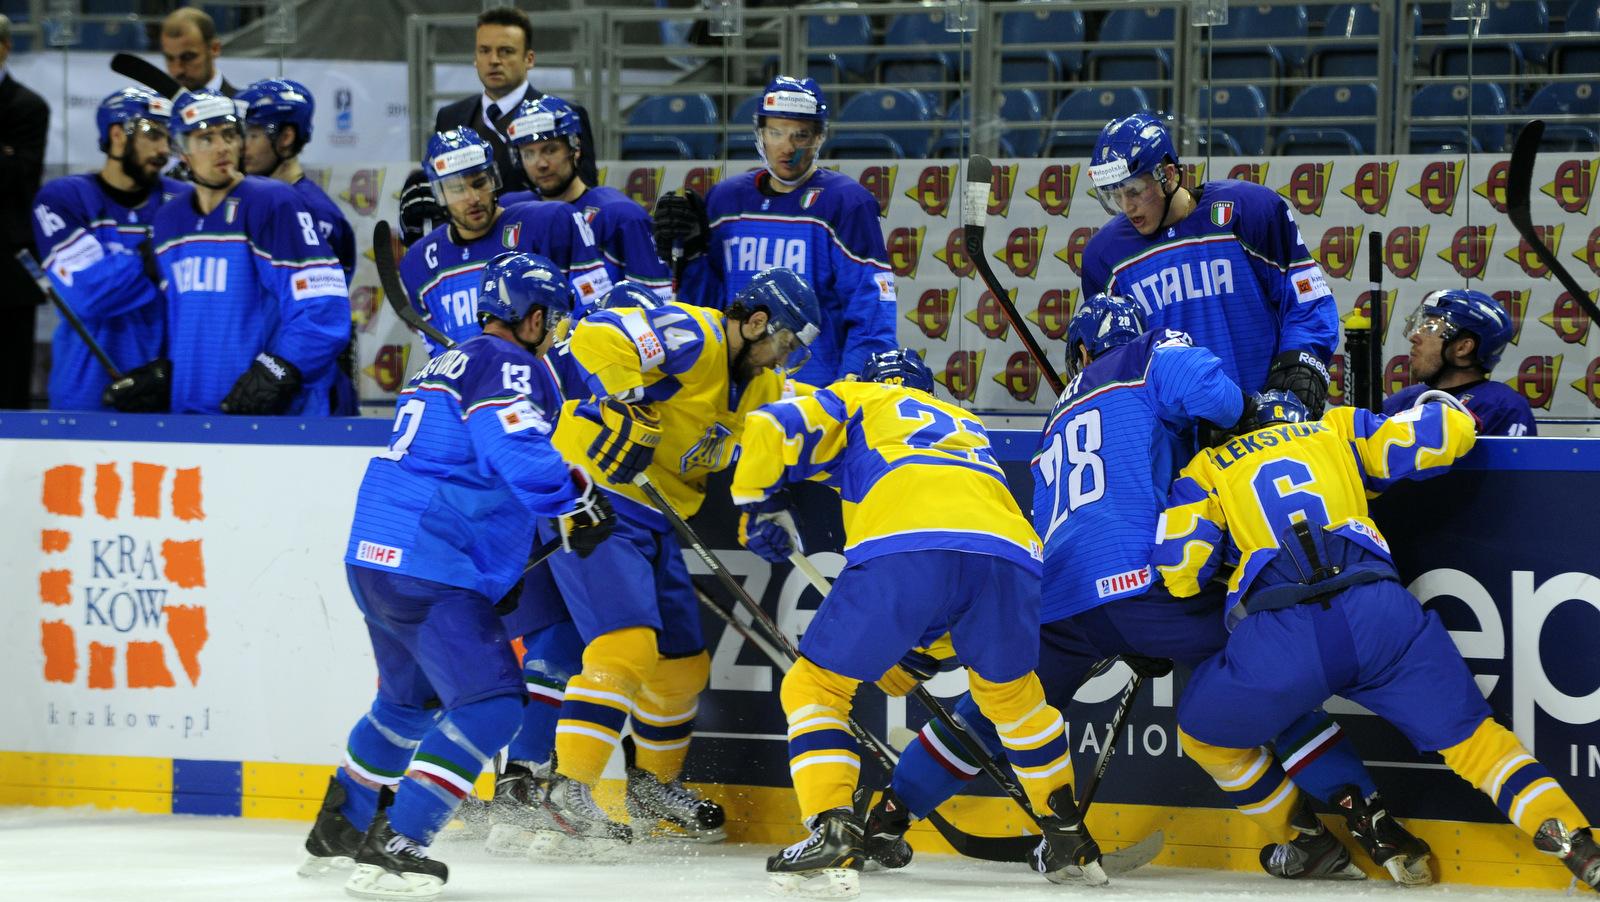 сборная Венгрии, сборная Италии, сборная Казахстана, ЧМ-2016 (первый дивизион), сборная Японии, видео, сборная Украины, сборная Польши